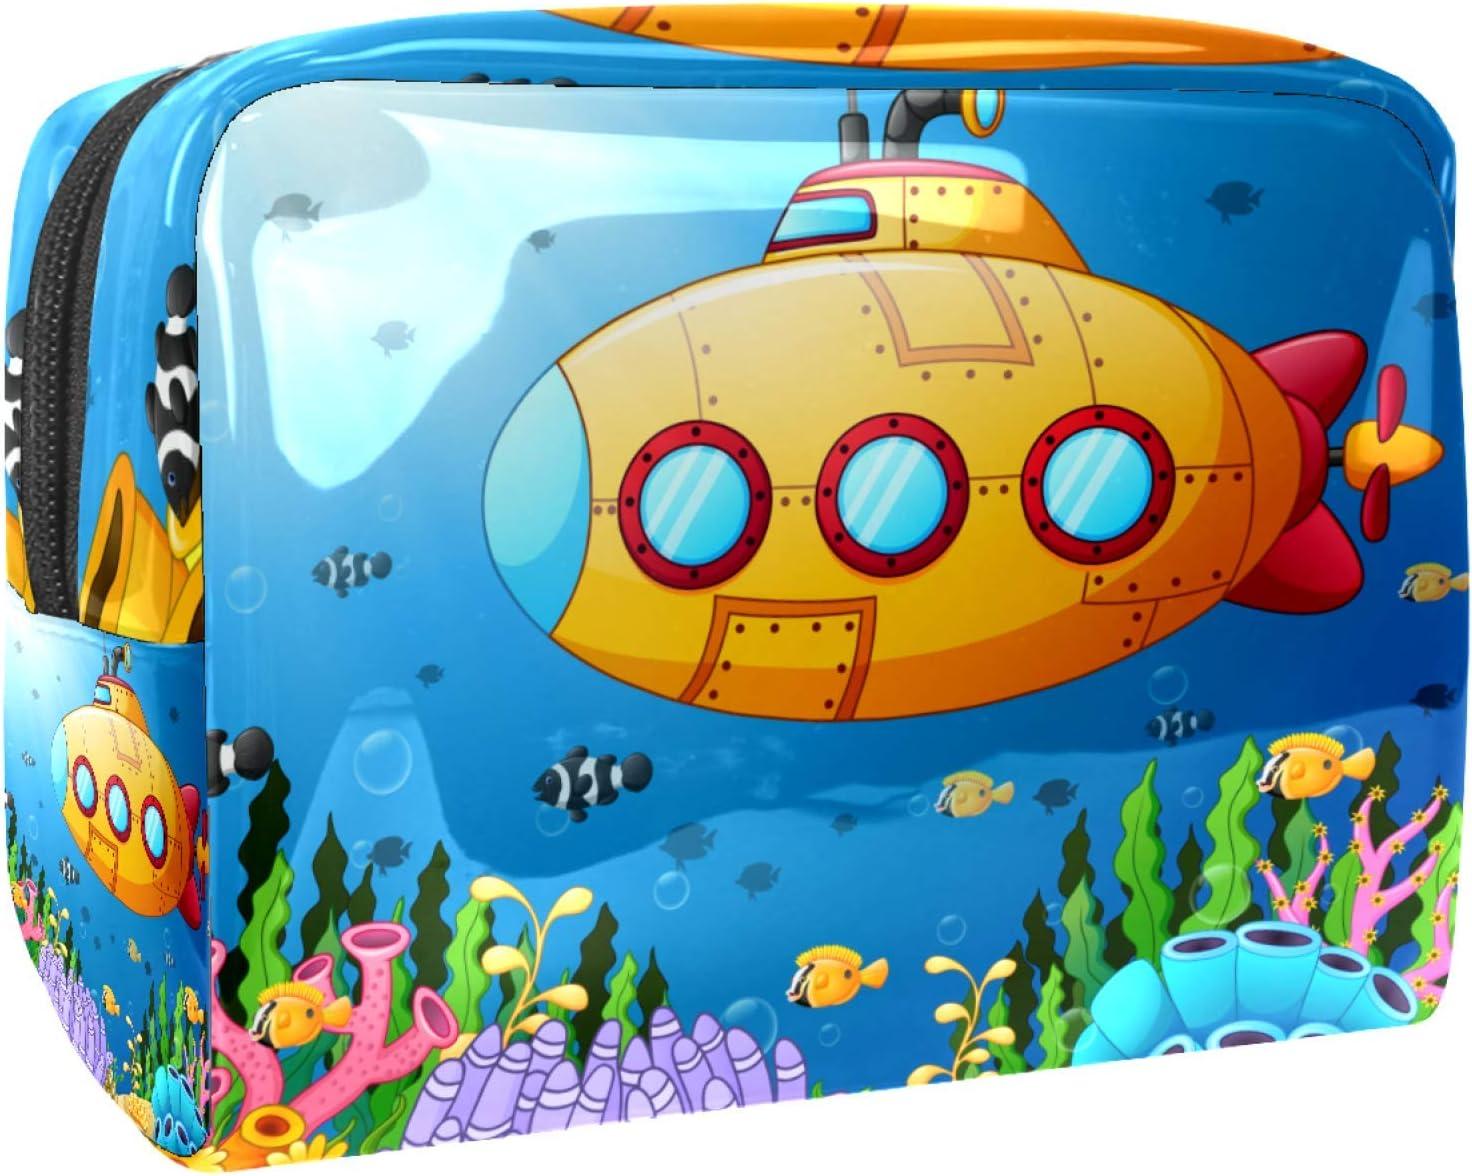 Bolsa de maquillaje portátil con cremallera, bolsa de aseo de viaje para mujeres, práctica bolsa de almacenamiento para cosméticos, submarino bajo el agua